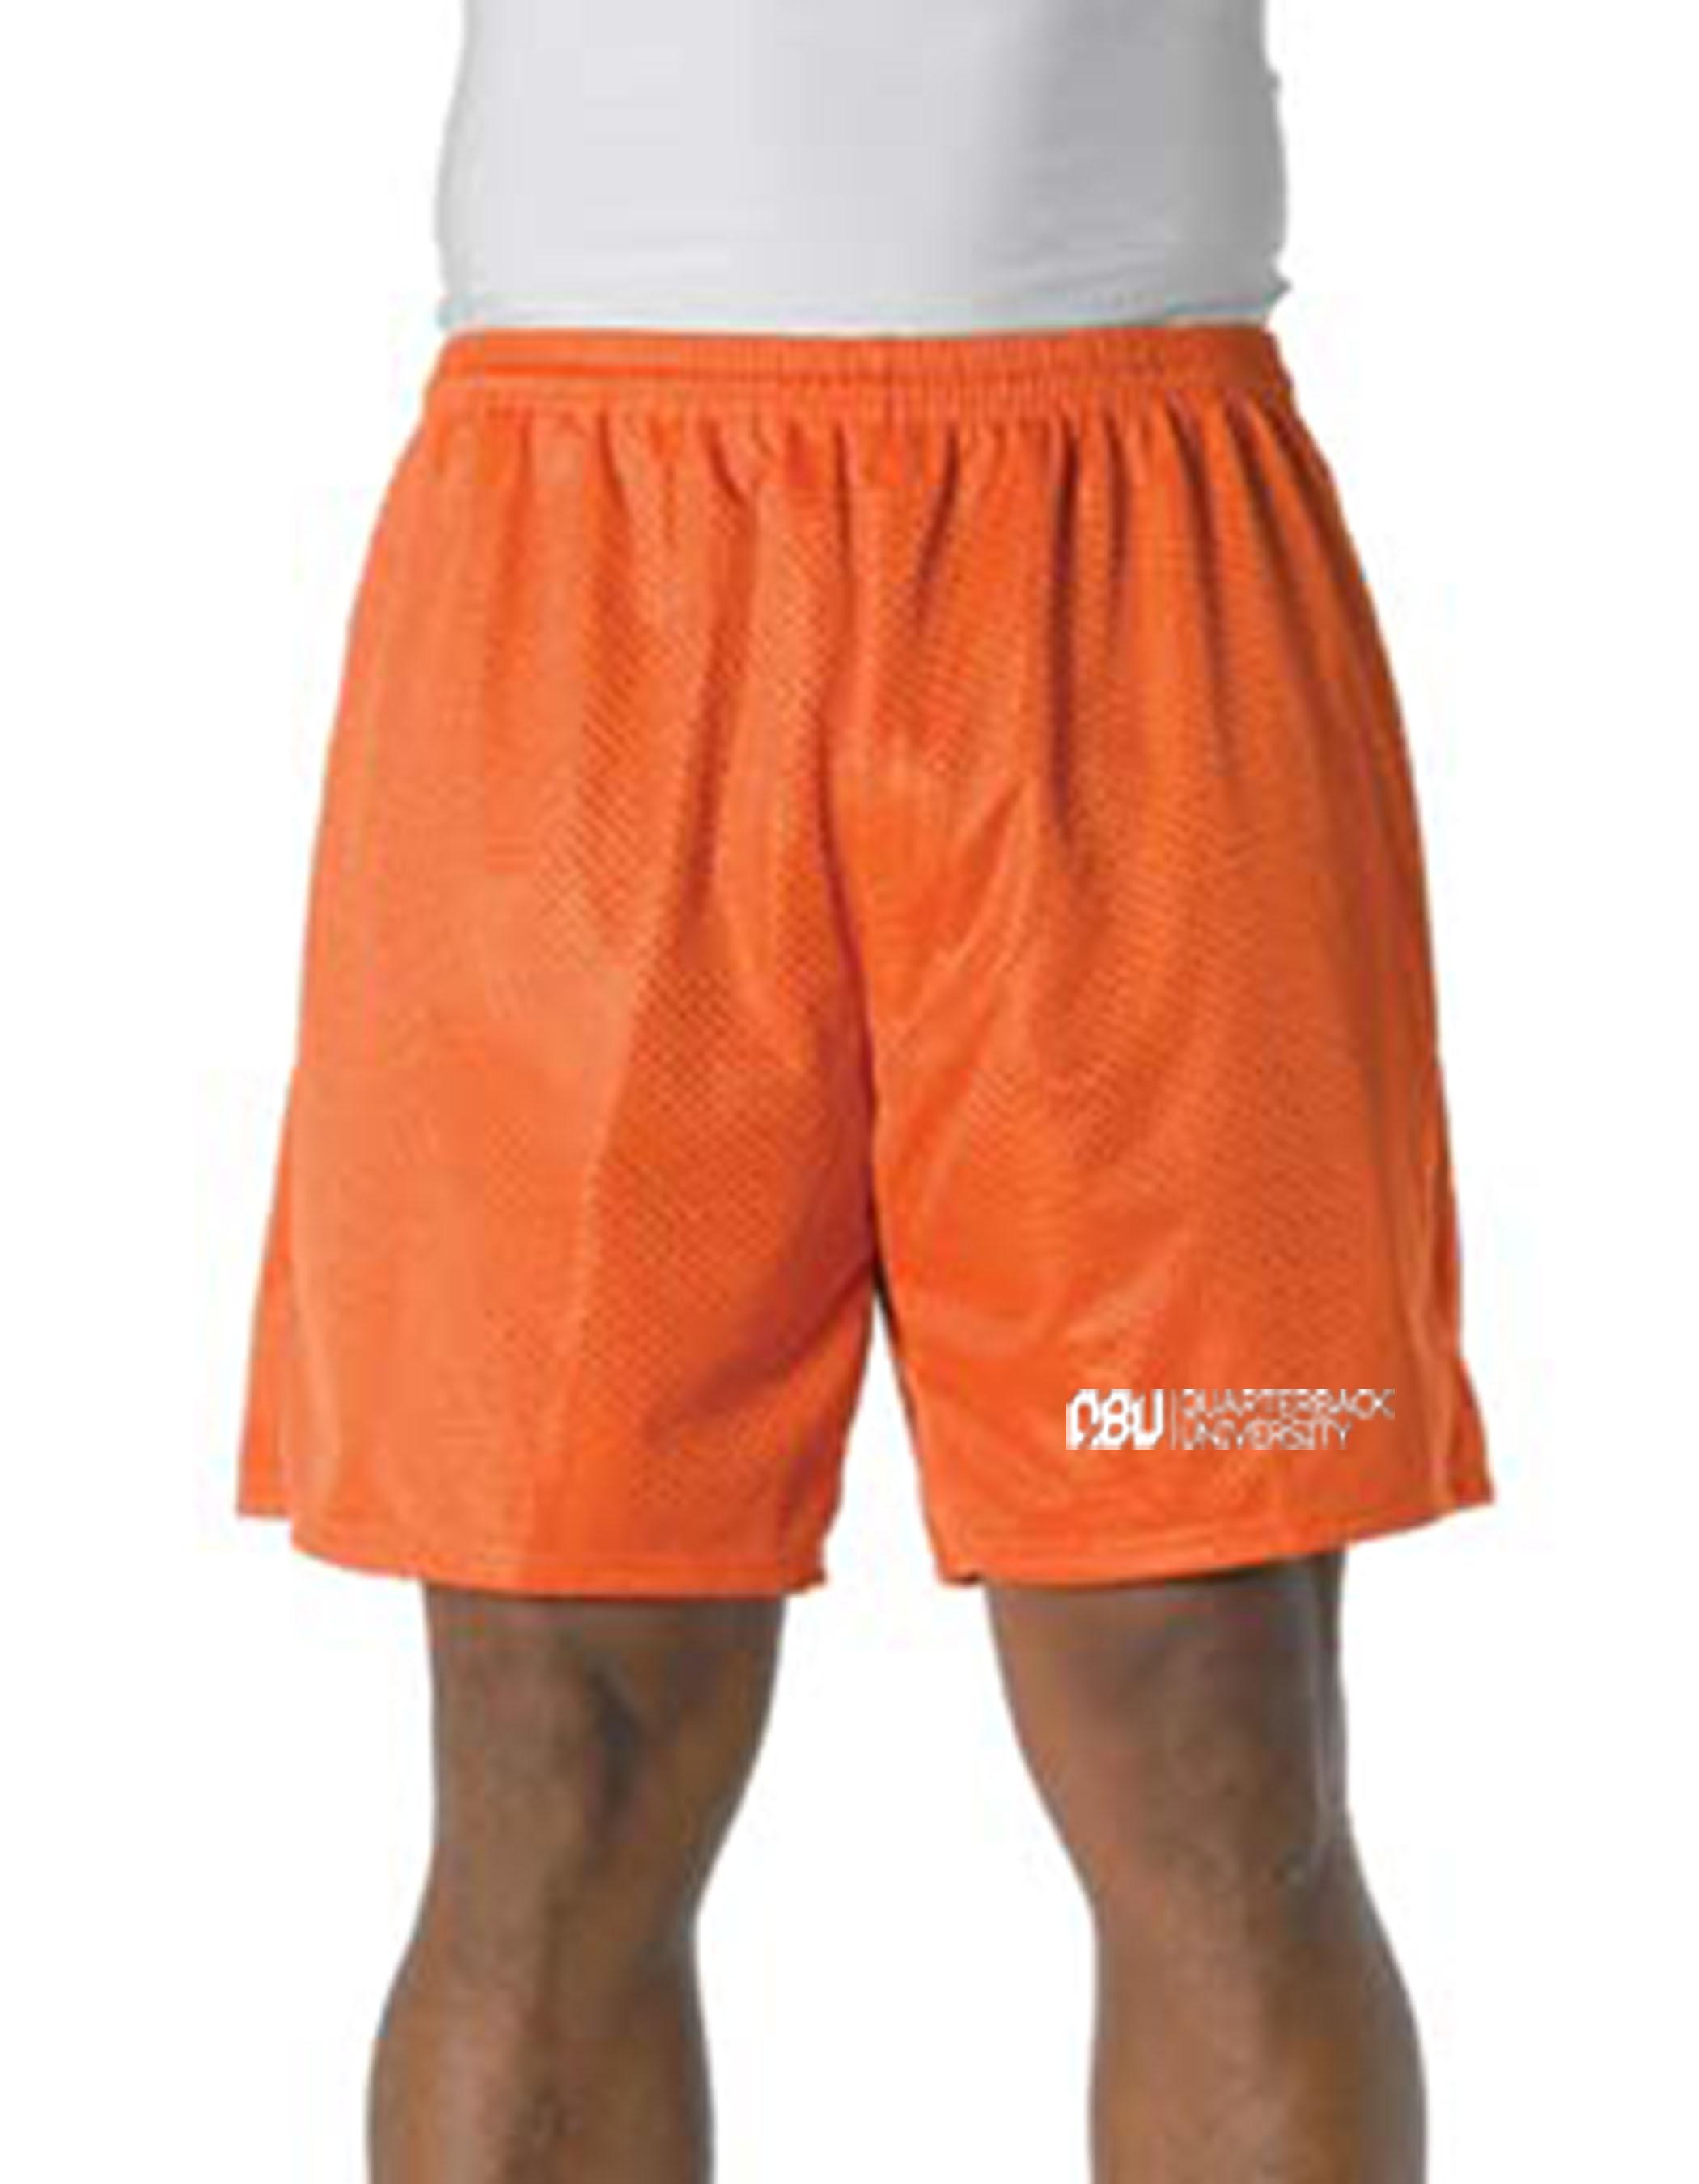 Quarterback University Shorts Orange